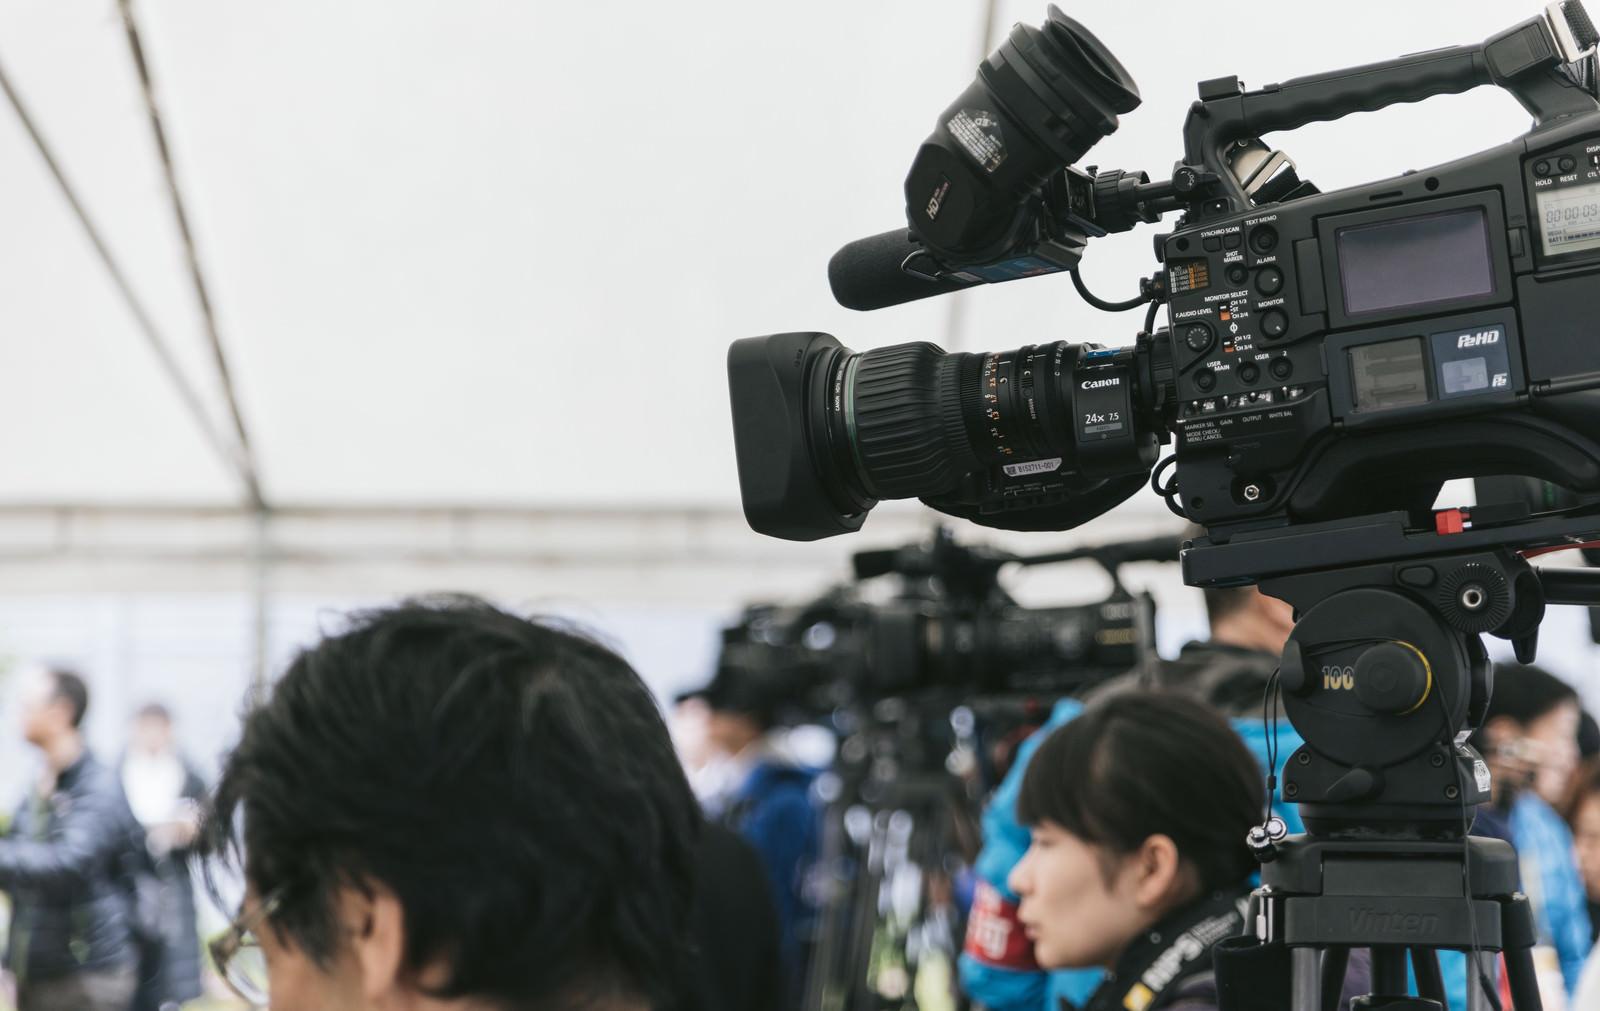 「報道陣の様子報道陣の様子」のフリー写真素材を拡大